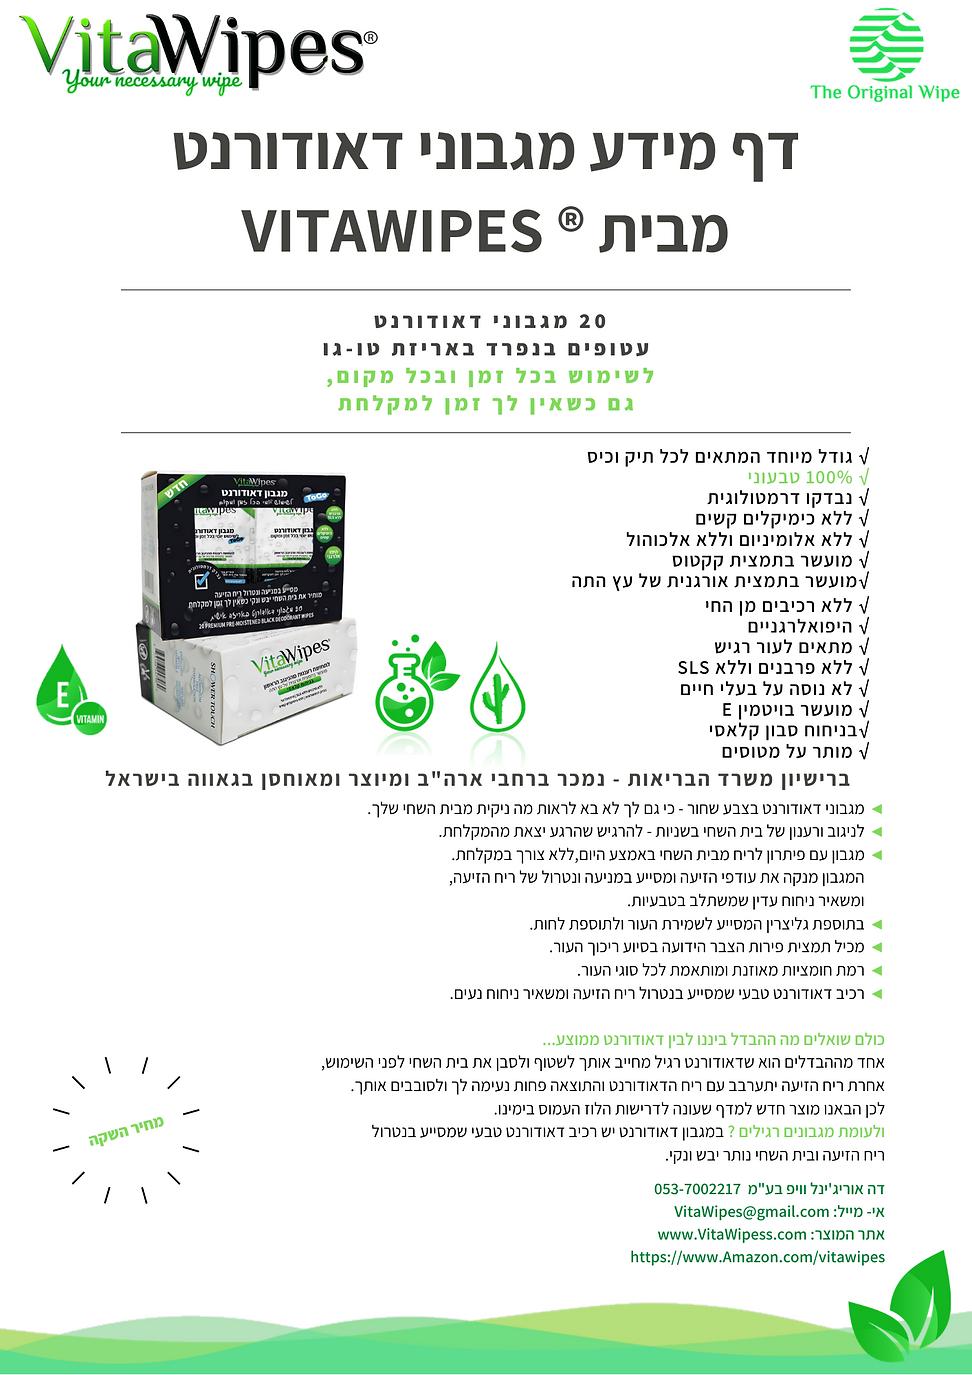 דף מידע על מגבוני דאודורנט של ® VitaWipe